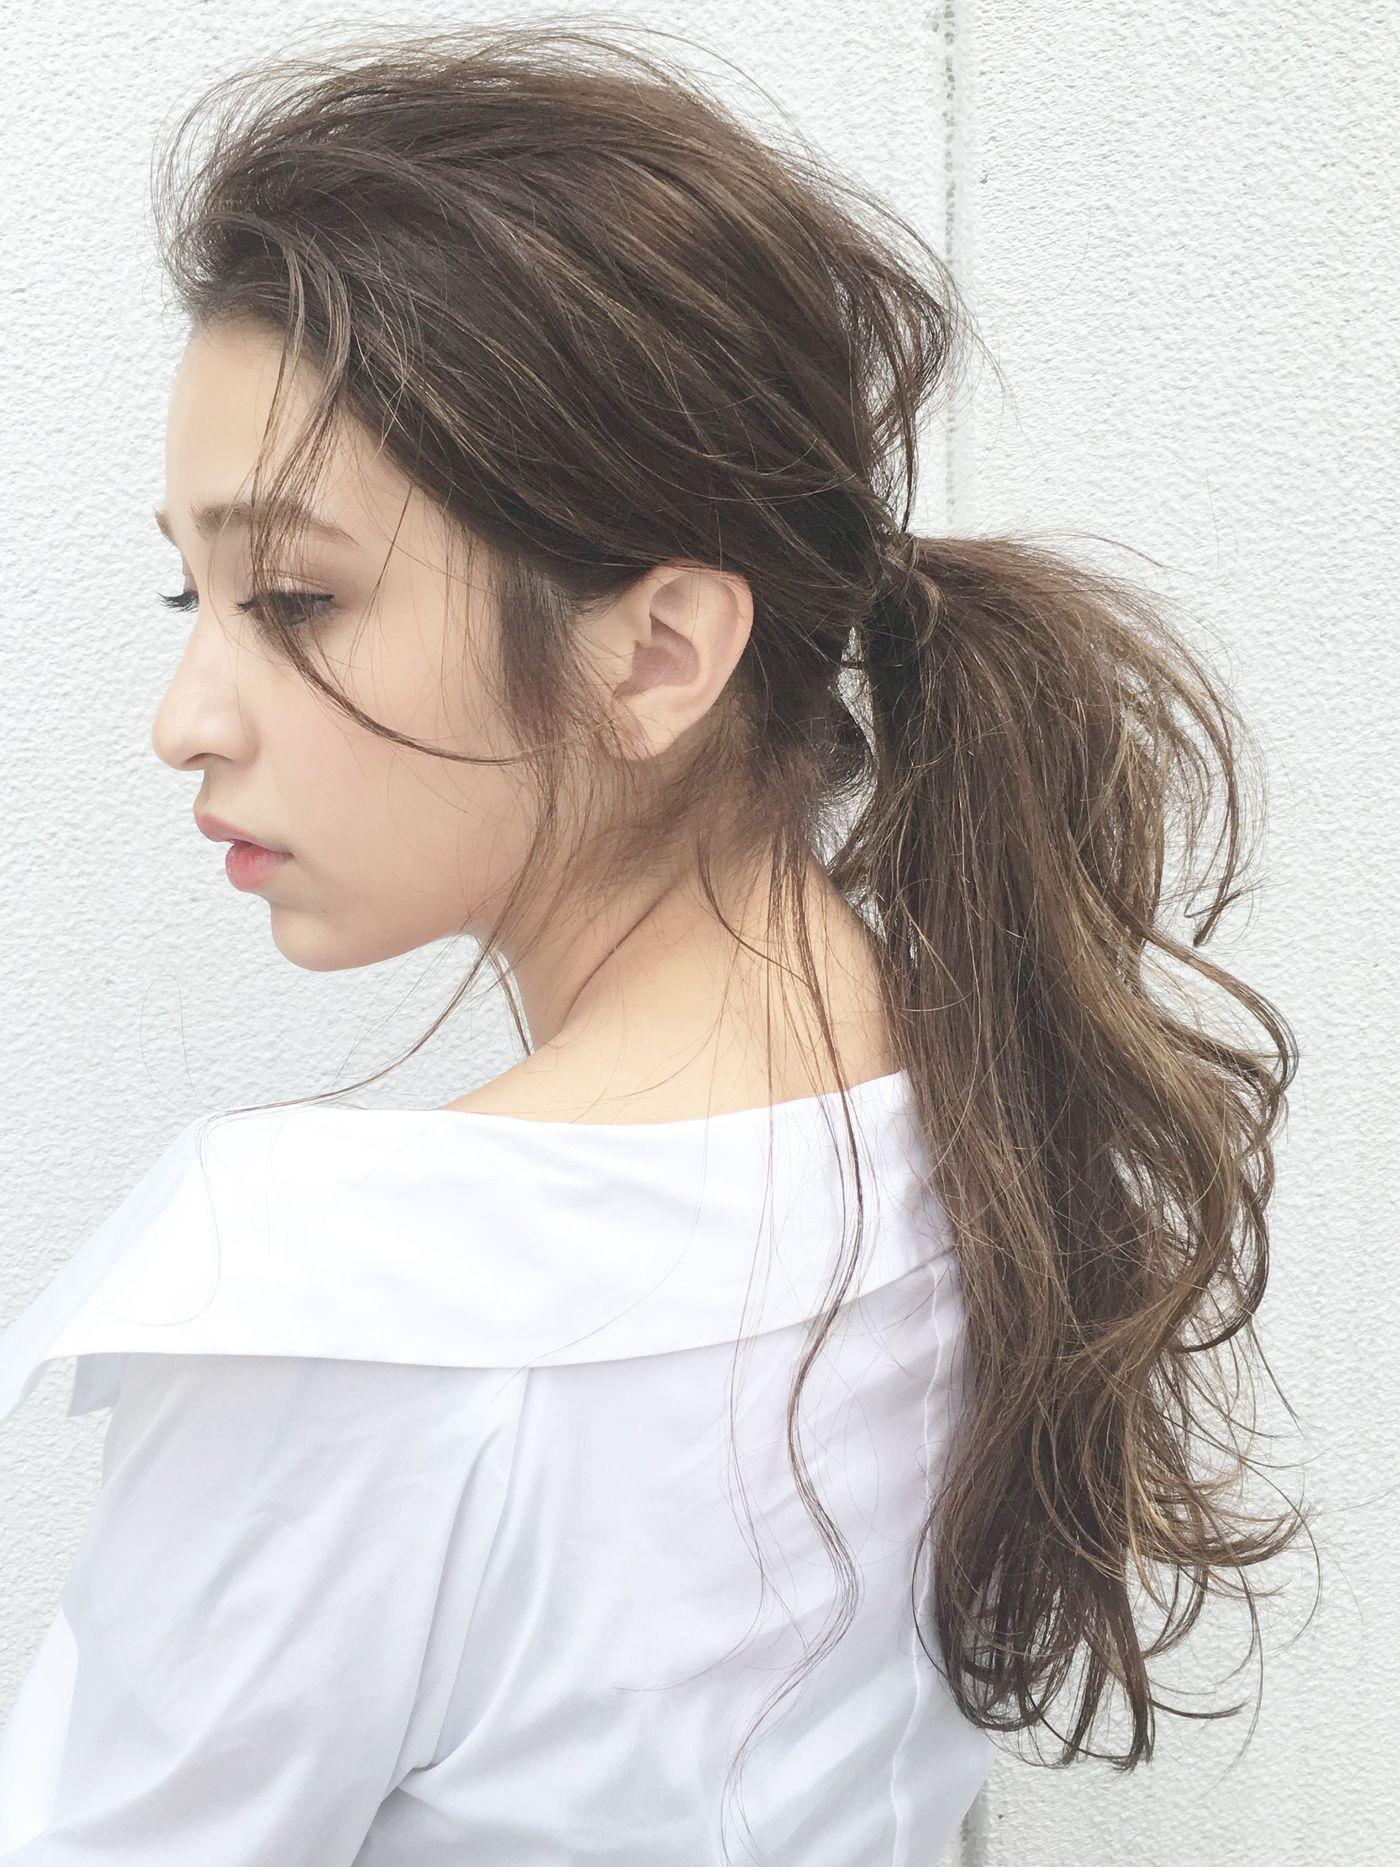 アルバム シブヤ[ALBUM SHIBUYA]が投稿した画像